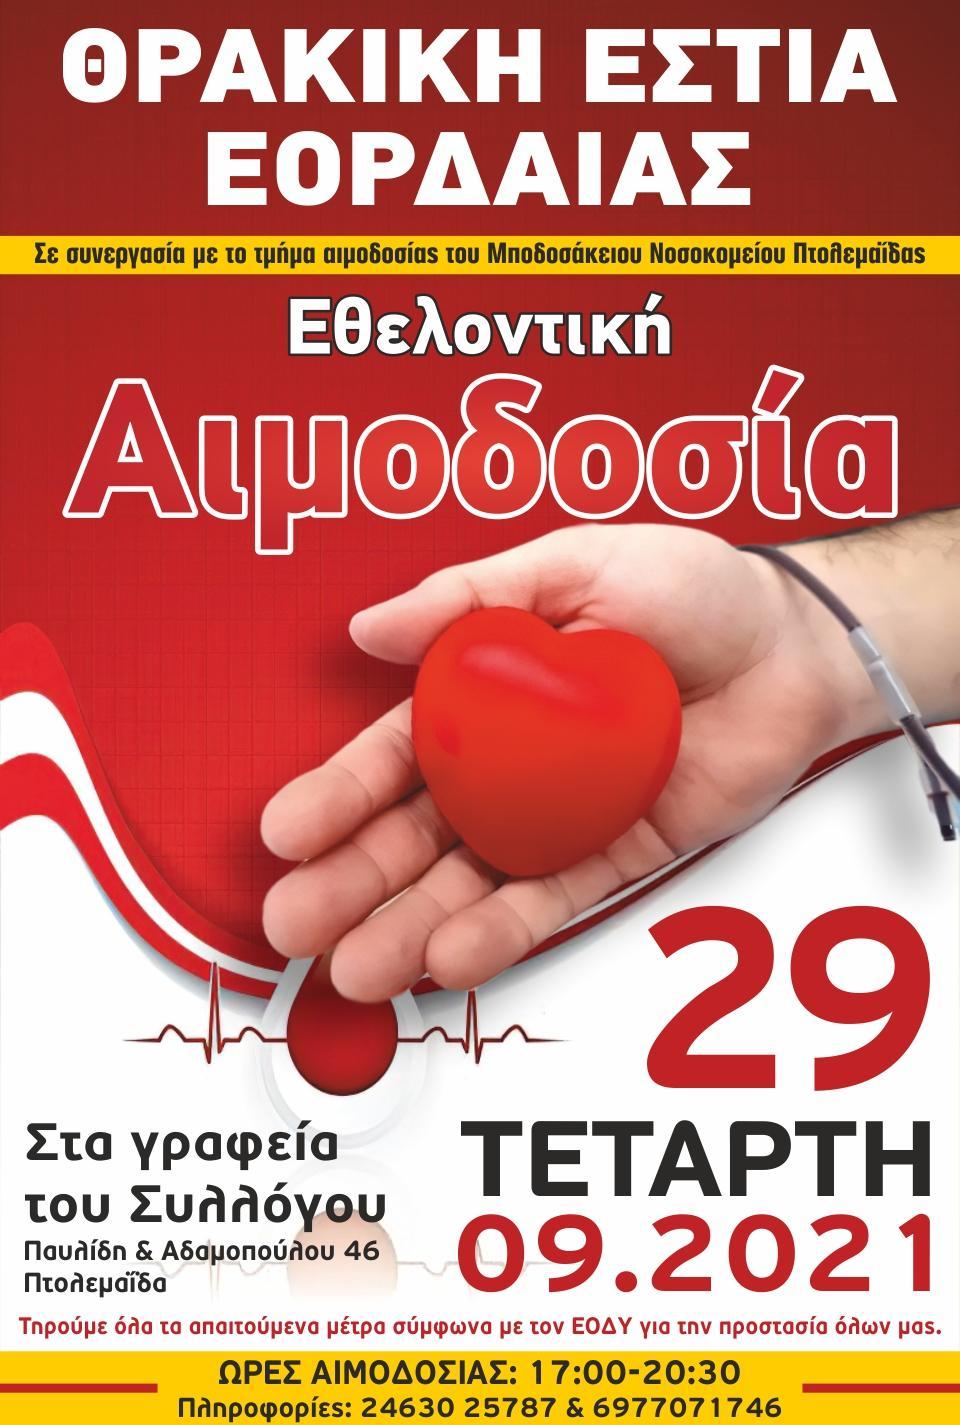 Θρακική Εστία Εορδαίας: Εθελοντική αιμοδοσία, την Τετάρτη 29 Σεπτεμβρίου